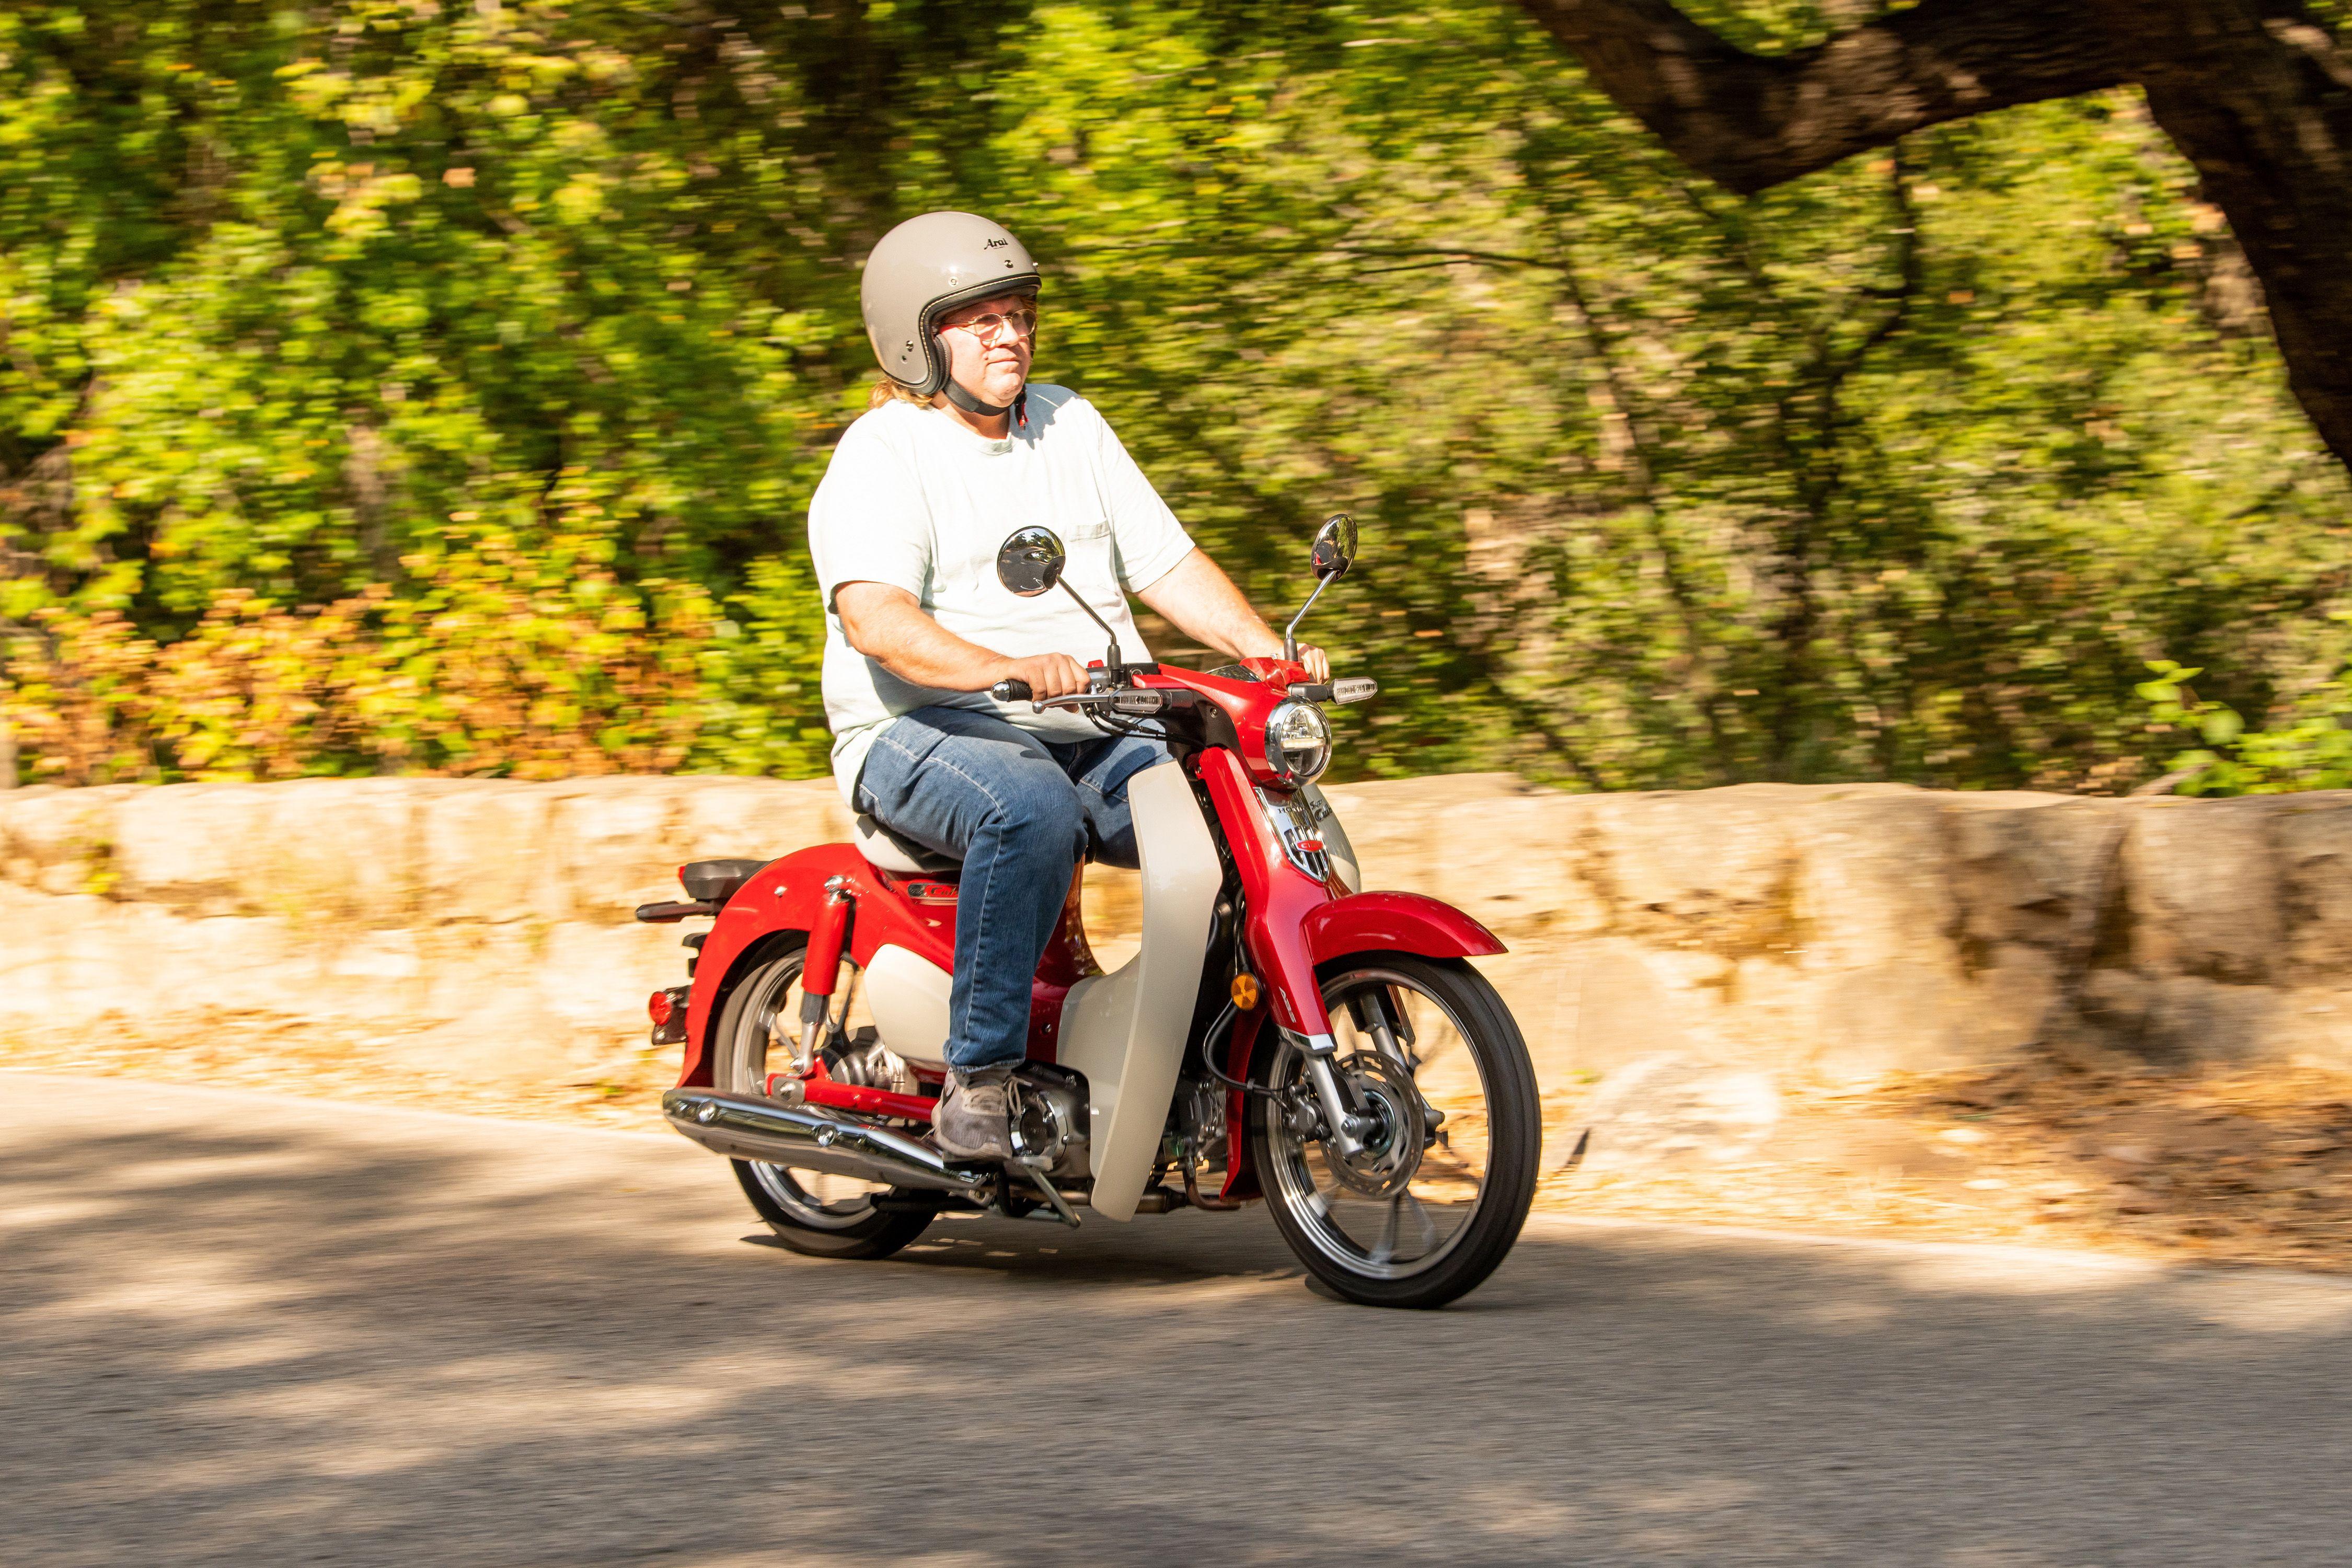 Kelebihan Honda Cub Murah Berkualitas